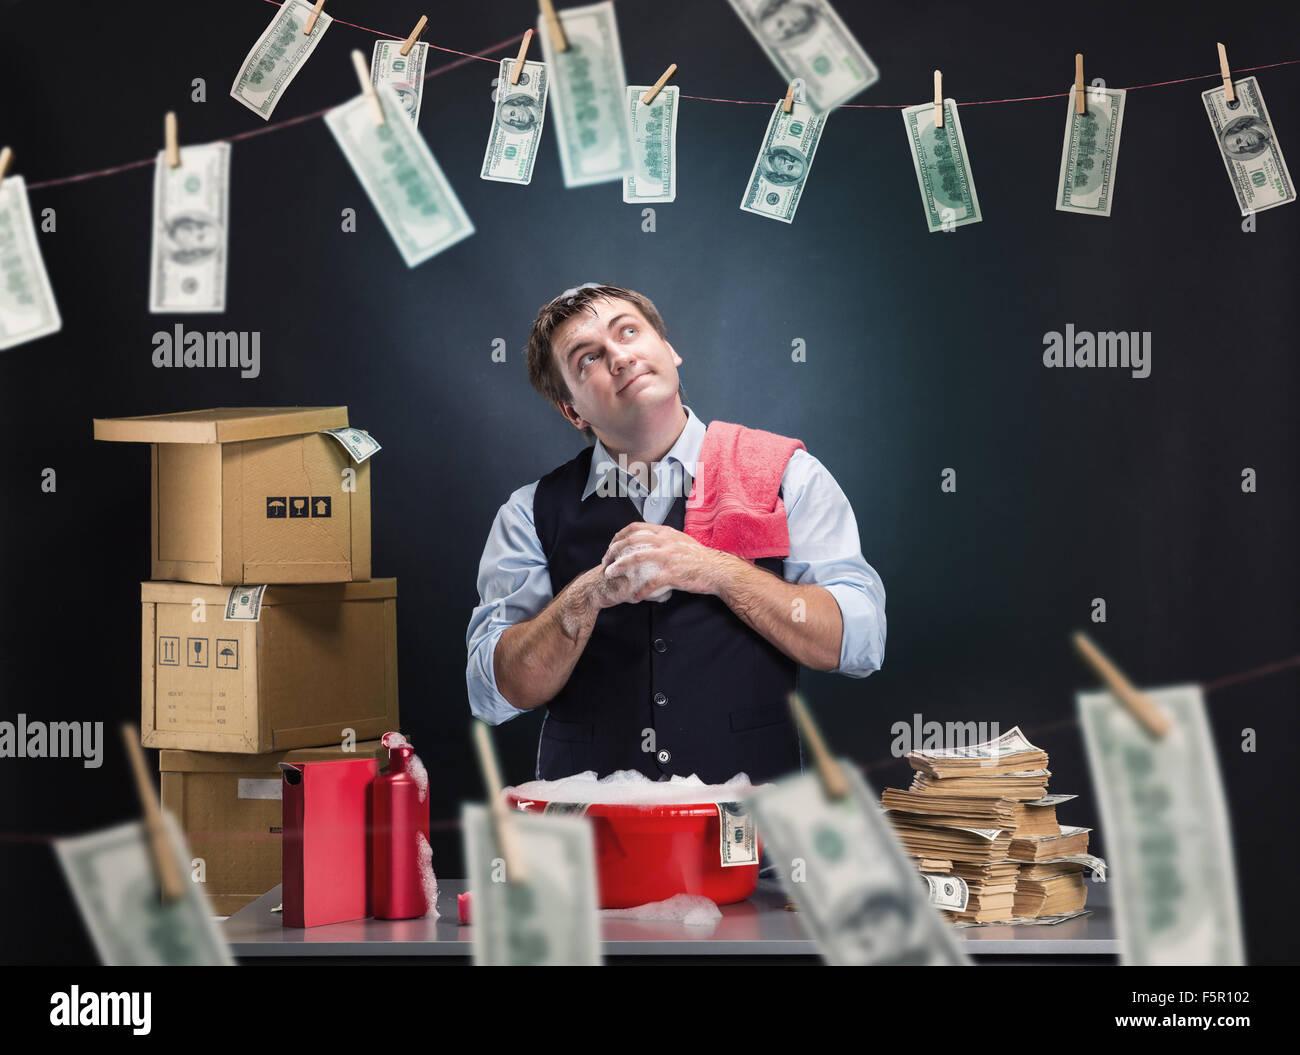 Froh, dass Unternehmer Geld Banknoten in Schaum in roten Waschschüssel waschen ist Stockbild